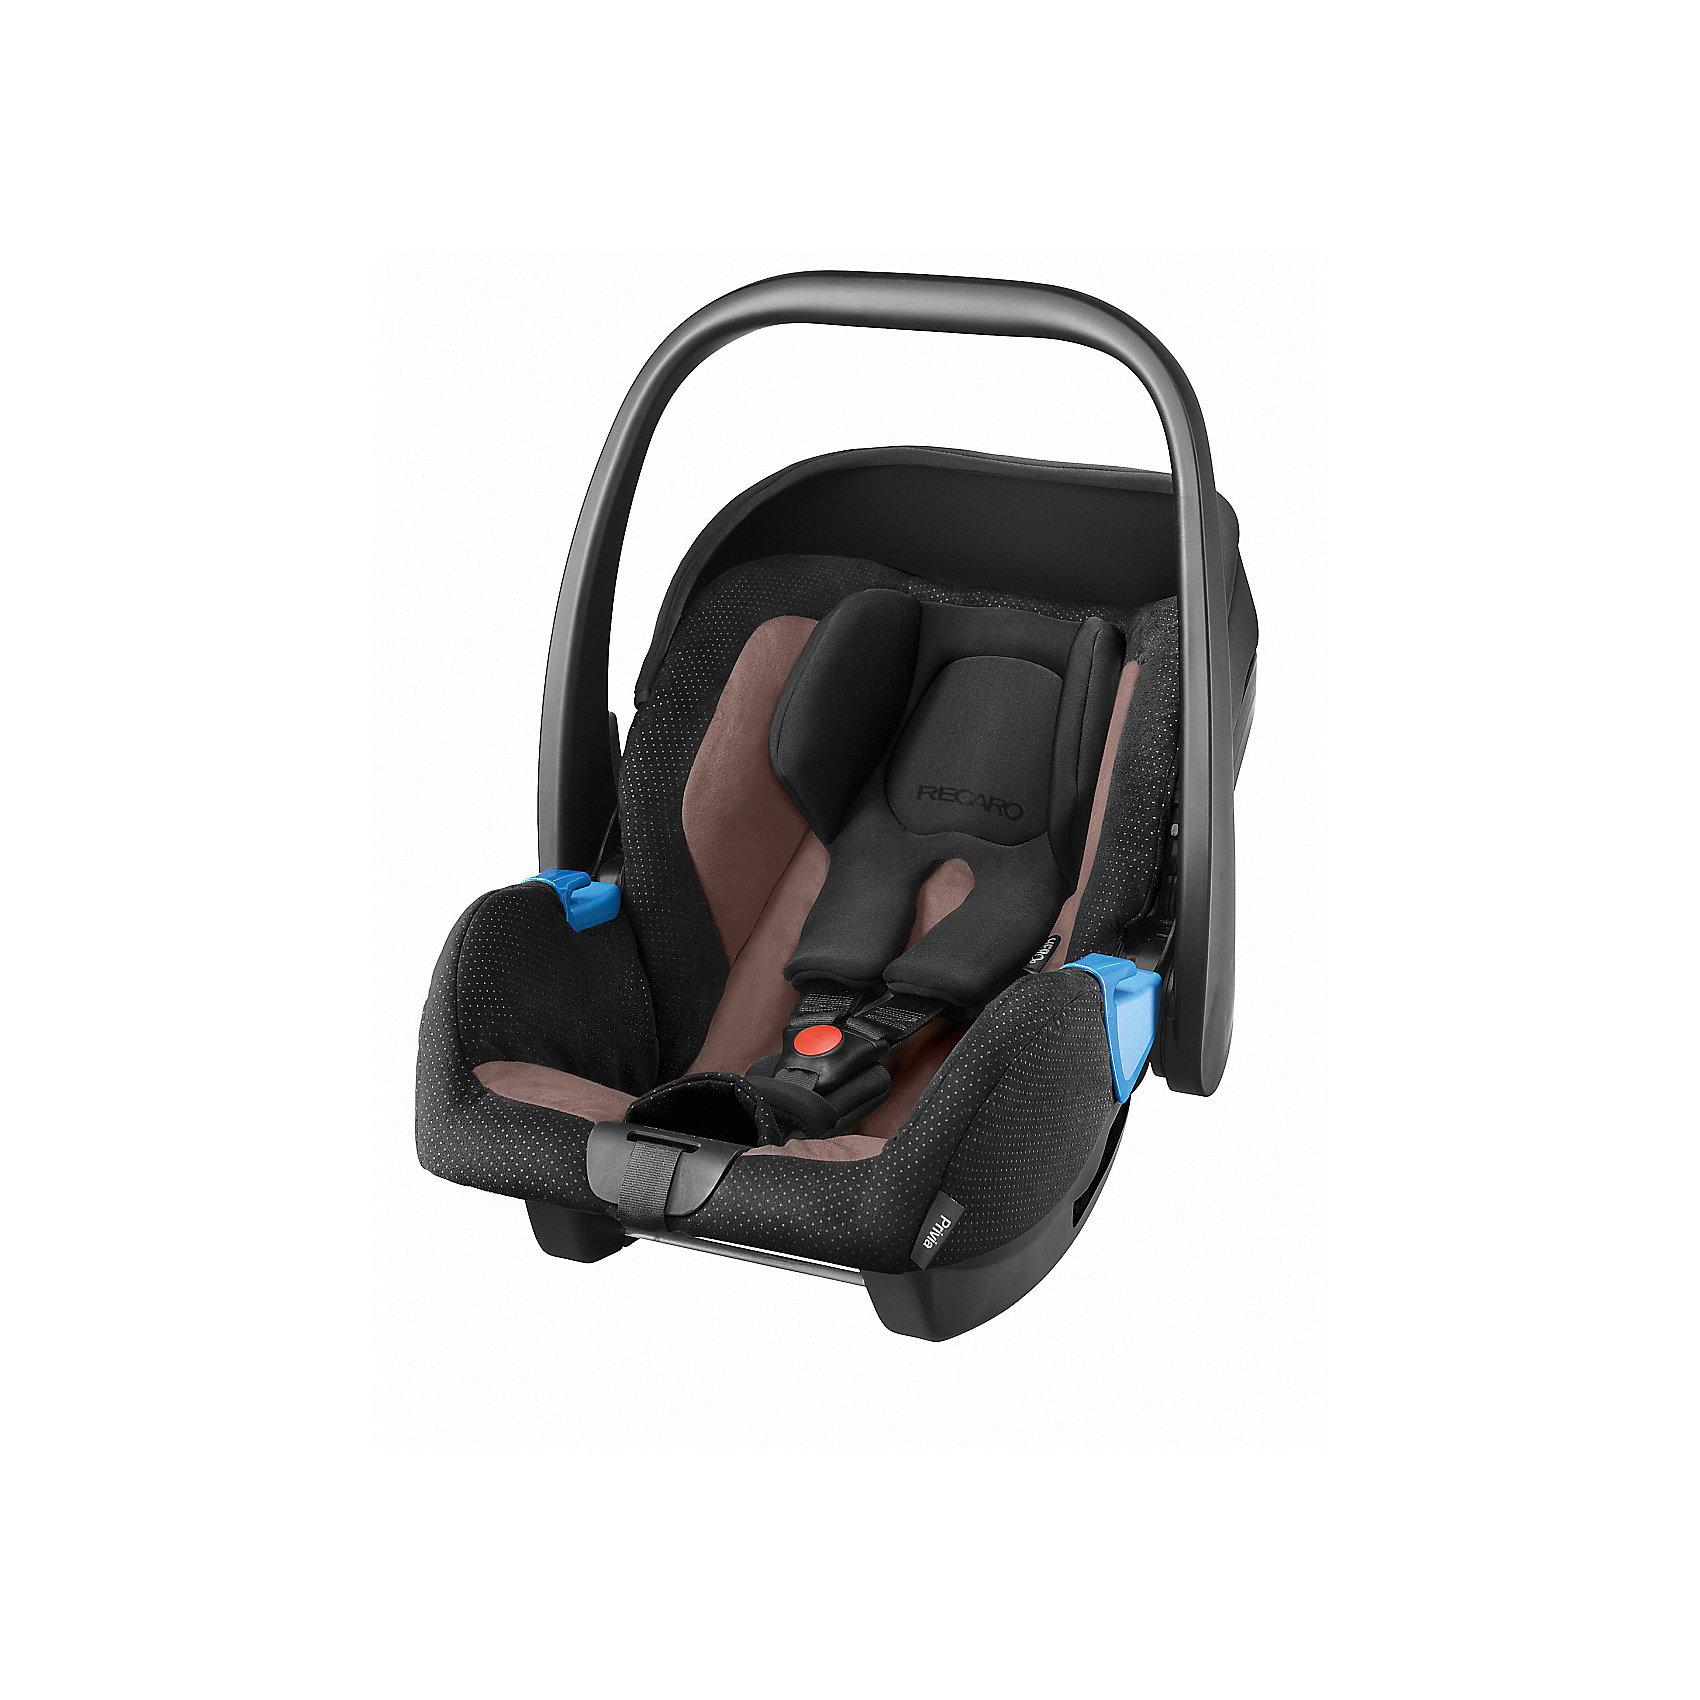 Автокресло Privia 0-13 кг., Recaro, MoccaХарактеристики: <br><br>• группа автокресла: 0+;<br>• вес ребенка: до 13 кг;<br>• возраст ребенка: от рождения до 15 месяцев;<br>• способ установки: лицом против хода движения автомобиля;<br>• способ крепления: штатными ремнями безопасности или на базу RecaroFix (база приобретается отдельно);<br>• 3-х точечные ремни безопасности, регулируются по длине;<br>• вкладыш для новорожденного;<br>• регулируемый капюшон;<br>• пластиковая ручка для переноски;<br>• съемные чехлы автокресла, стирка при температуре 30 градусов;<br>• материал: пластик, полиэстер;<br>• размеры автокресла: 65х44х57 см;<br>• вес: 3,7 кг.<br><br>Автокресло Privia – полноценная автолюлька для путешествий с новорожденным. Ручка для переноски дает возможность извлечь автокресло из салона автомобиля даже со спящим малышом, не потревожив его сон. Автокресло устанавливается на шасси различных колясок с помощью адаптеров. <br><br>Автокресло Privia 0-13 кг., Recaro, Mocca можно купить в нашем интернет-магазине.<br><br>Ширина мм: 650<br>Глубина мм: 440<br>Высота мм: 570<br>Вес г: 3700<br>Возраст от месяцев: 0<br>Возраст до месяцев: 12<br>Пол: Унисекс<br>Возраст: Детский<br>SKU: 5396748